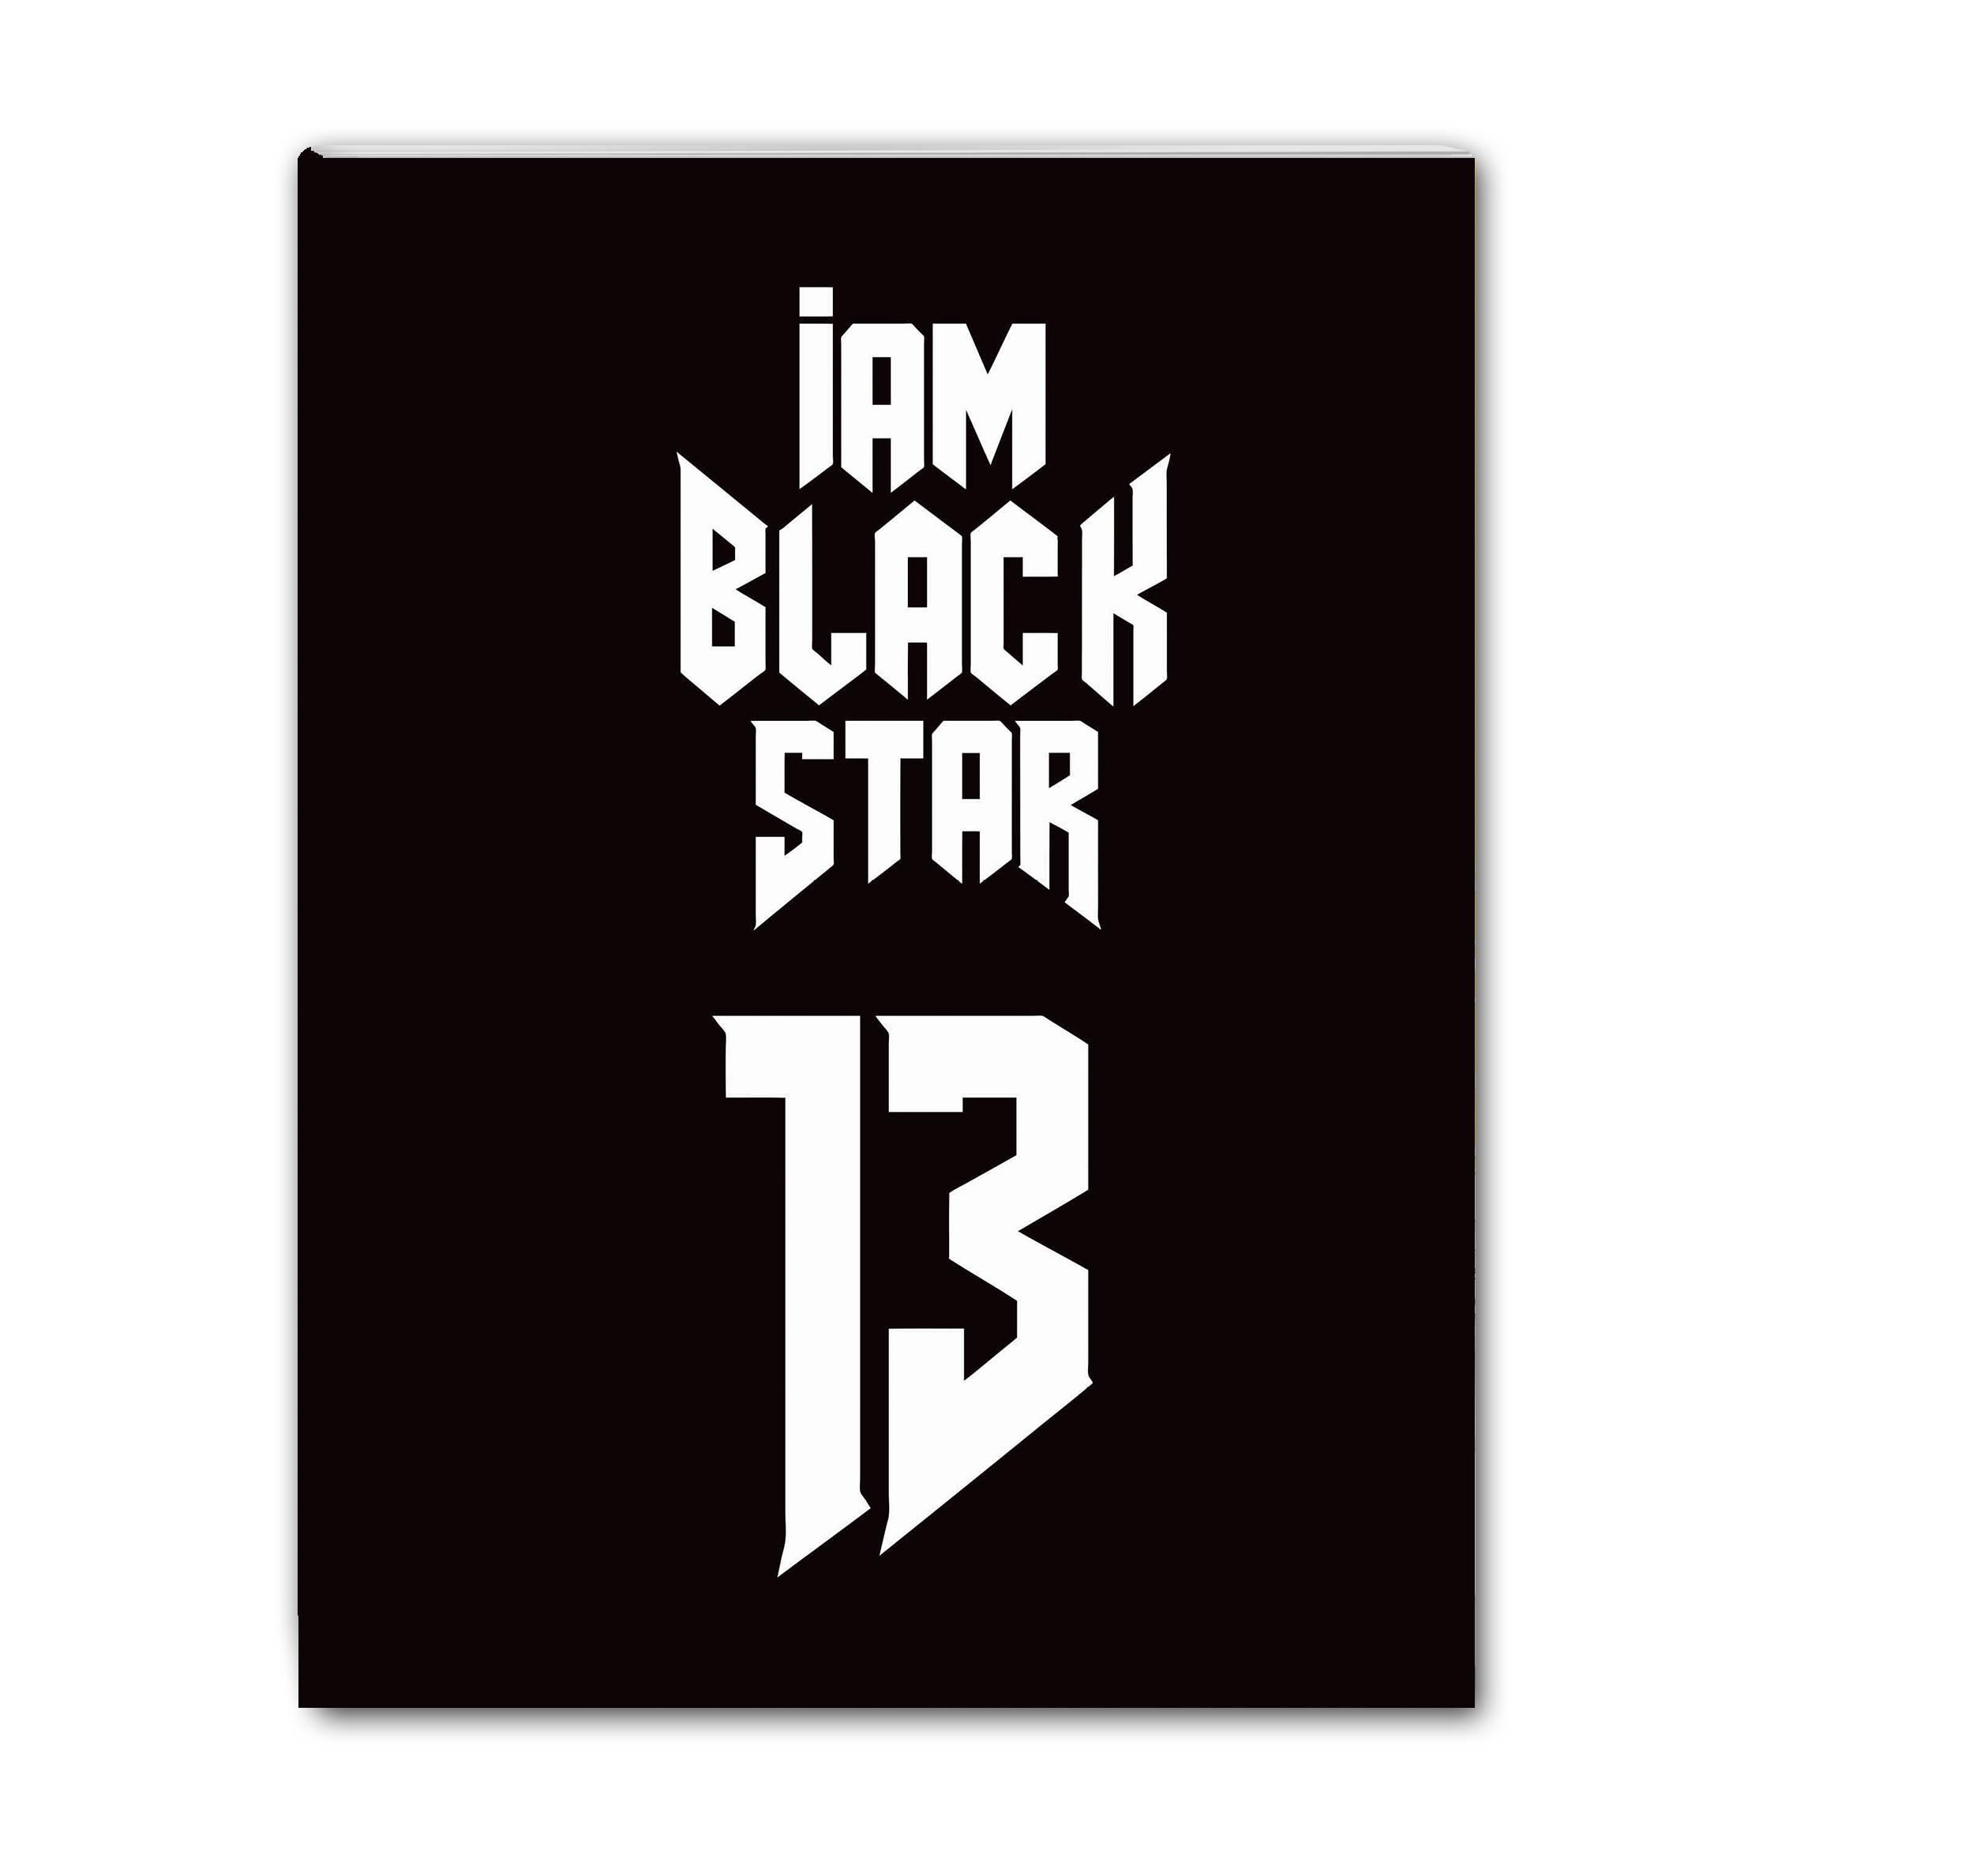 Школьная тетрадь Black Star 13 (48 л., клетка) набор тетрадей black star 48 листов 8 шт тимати егор крид natan клава кока мот kristina si l one black star